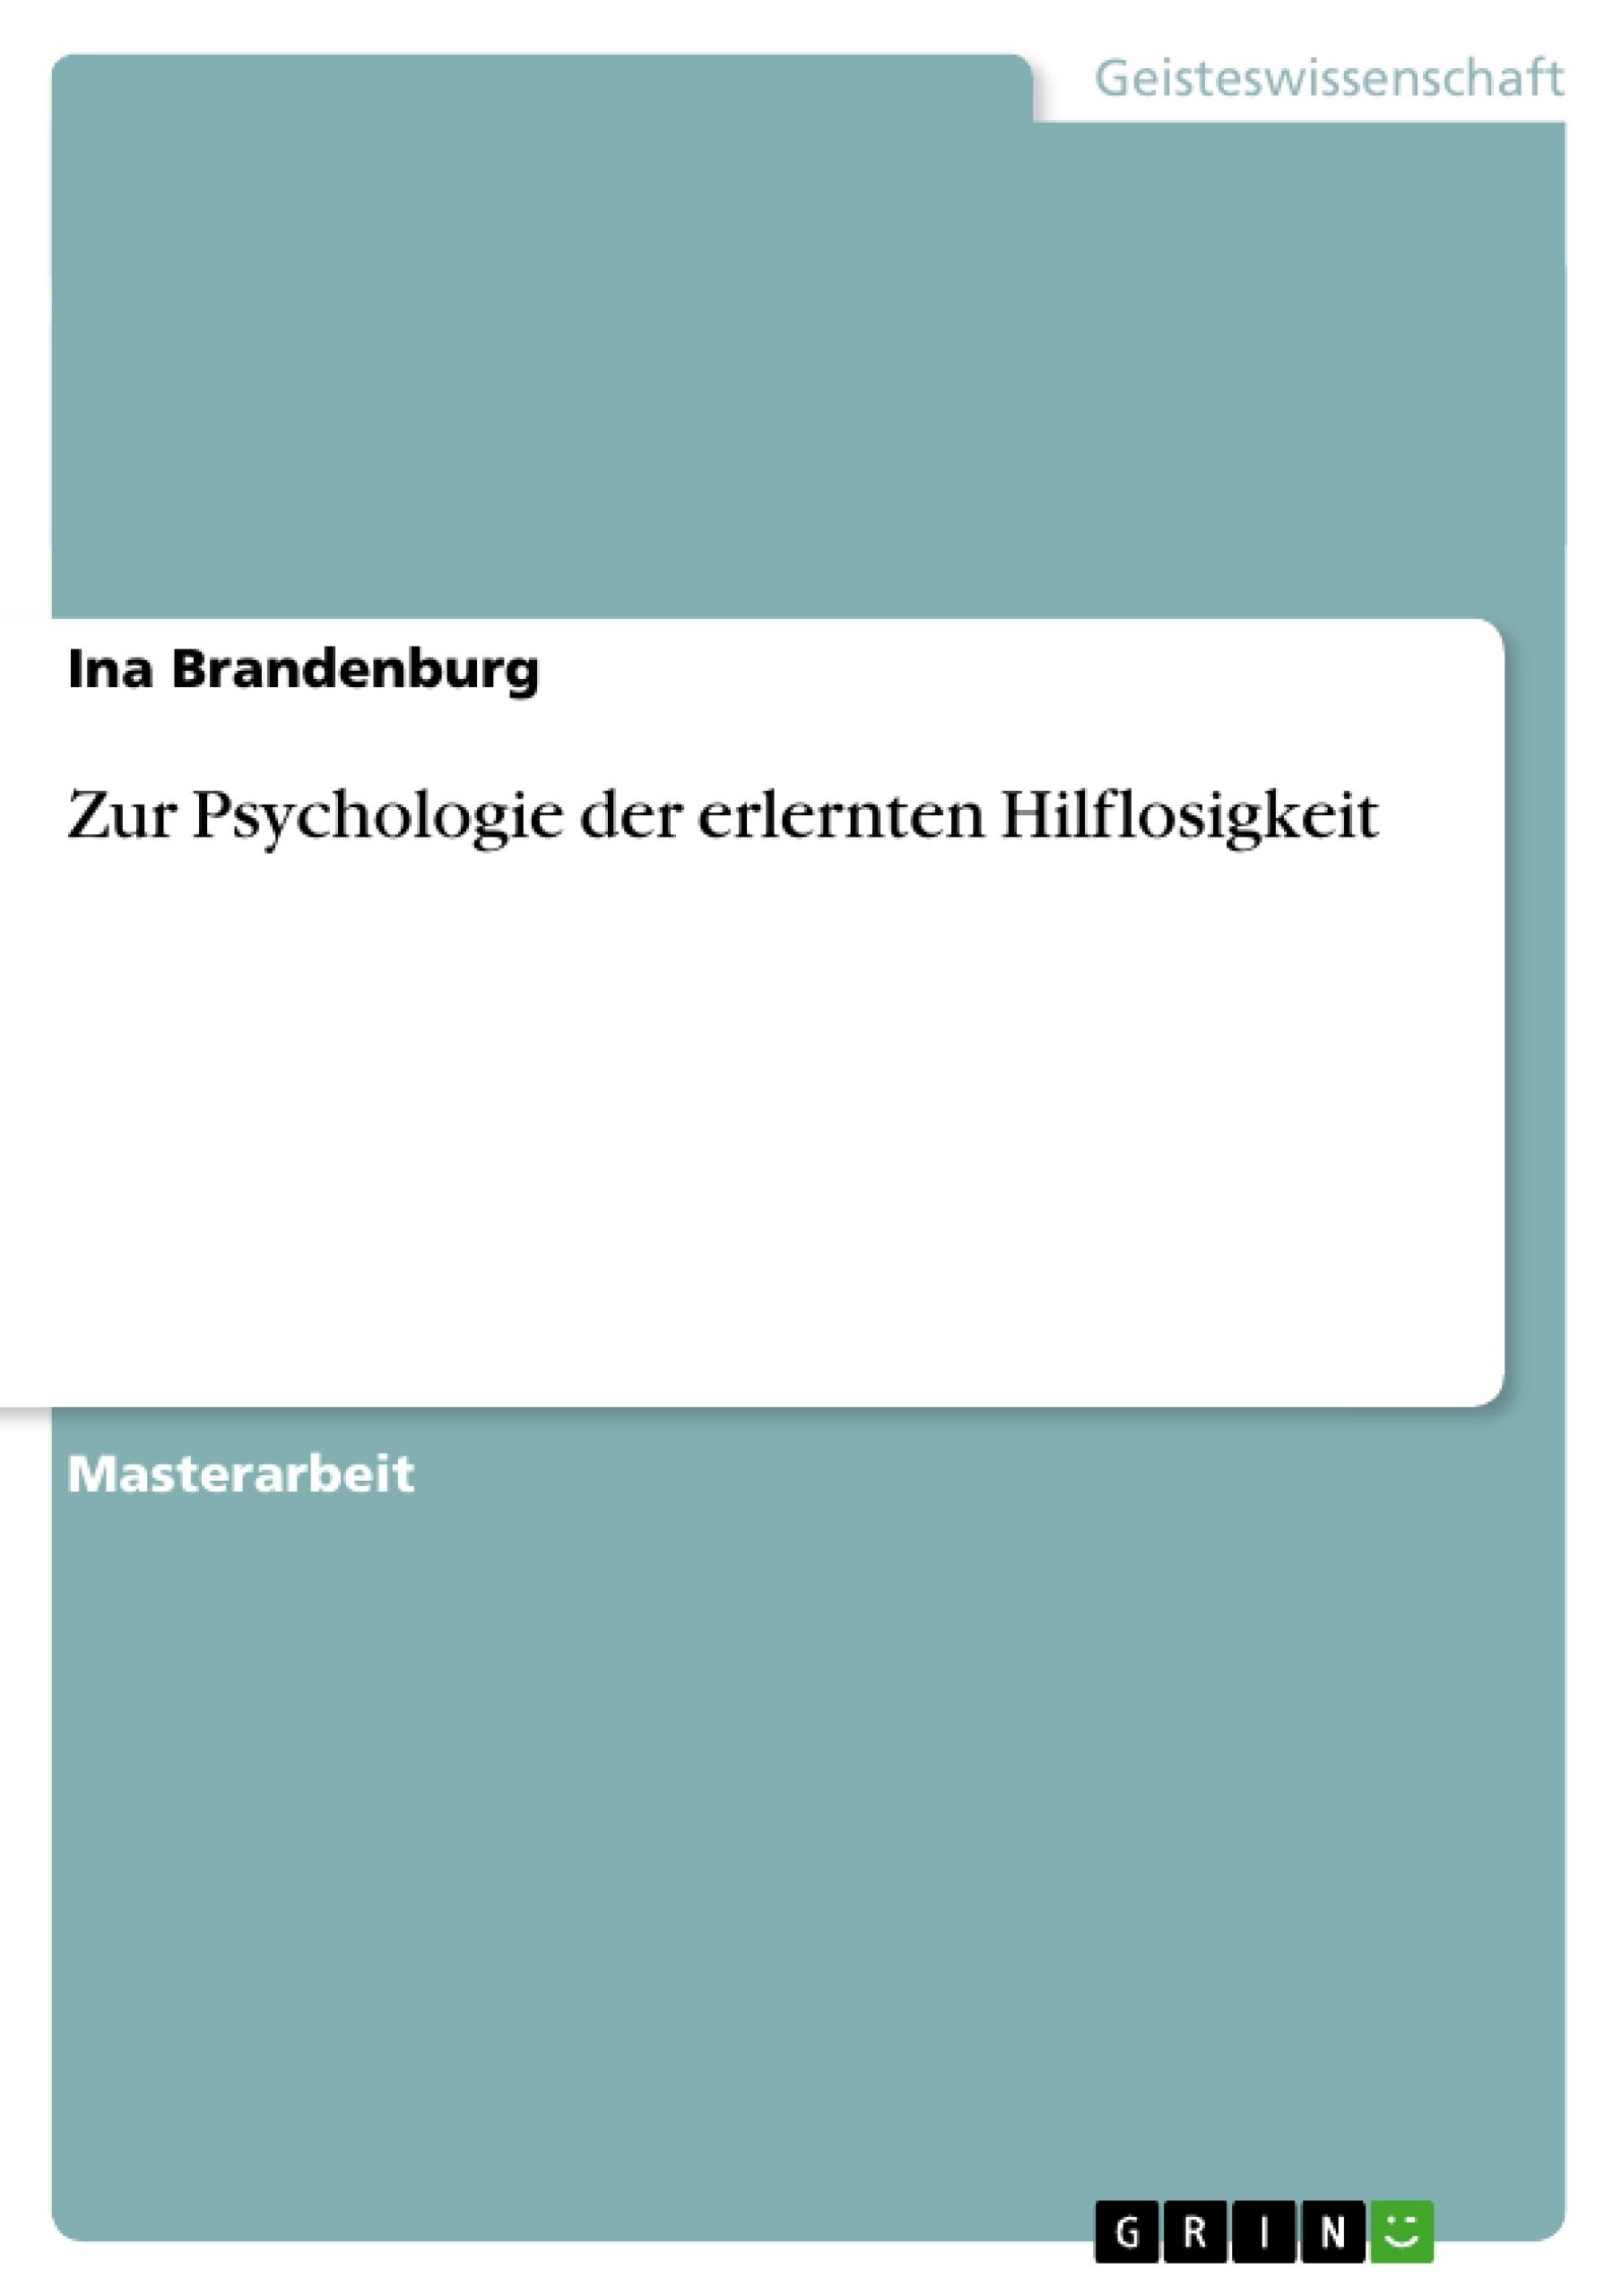 Titel: Zur Psychologie der erlernten Hilflosigkeit